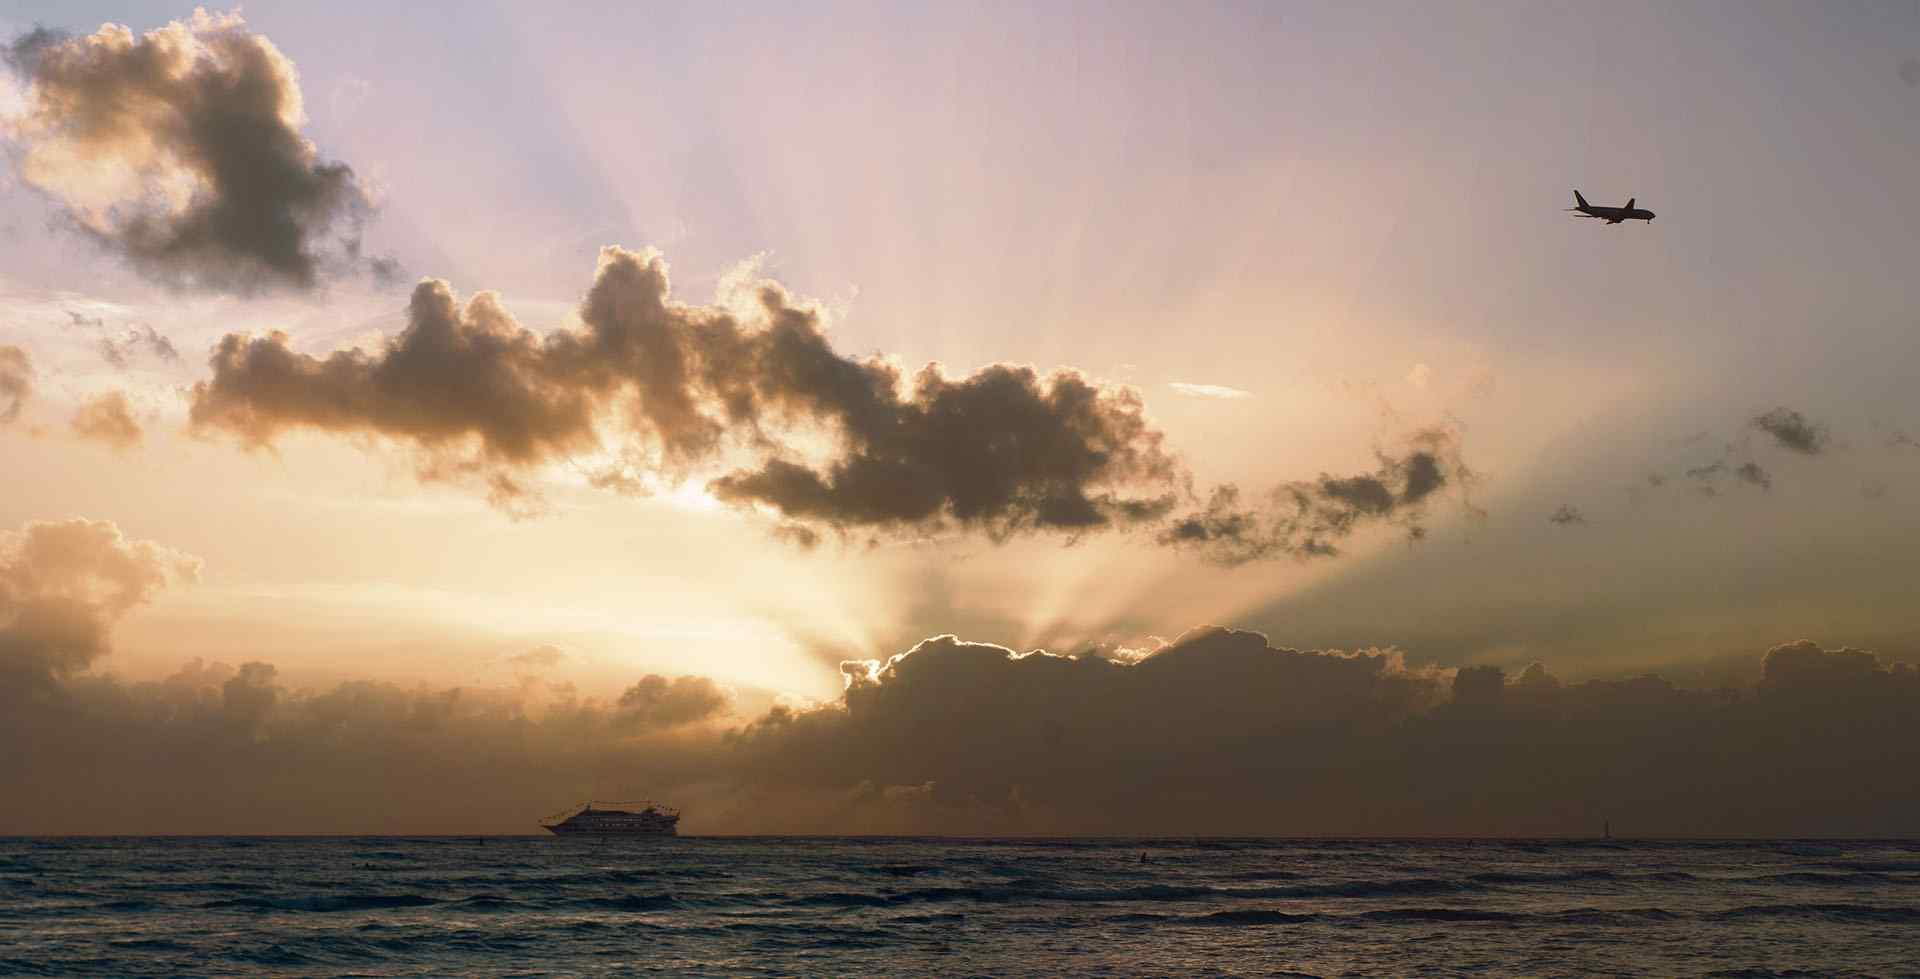 夏威夷清晨风景桌面壁纸